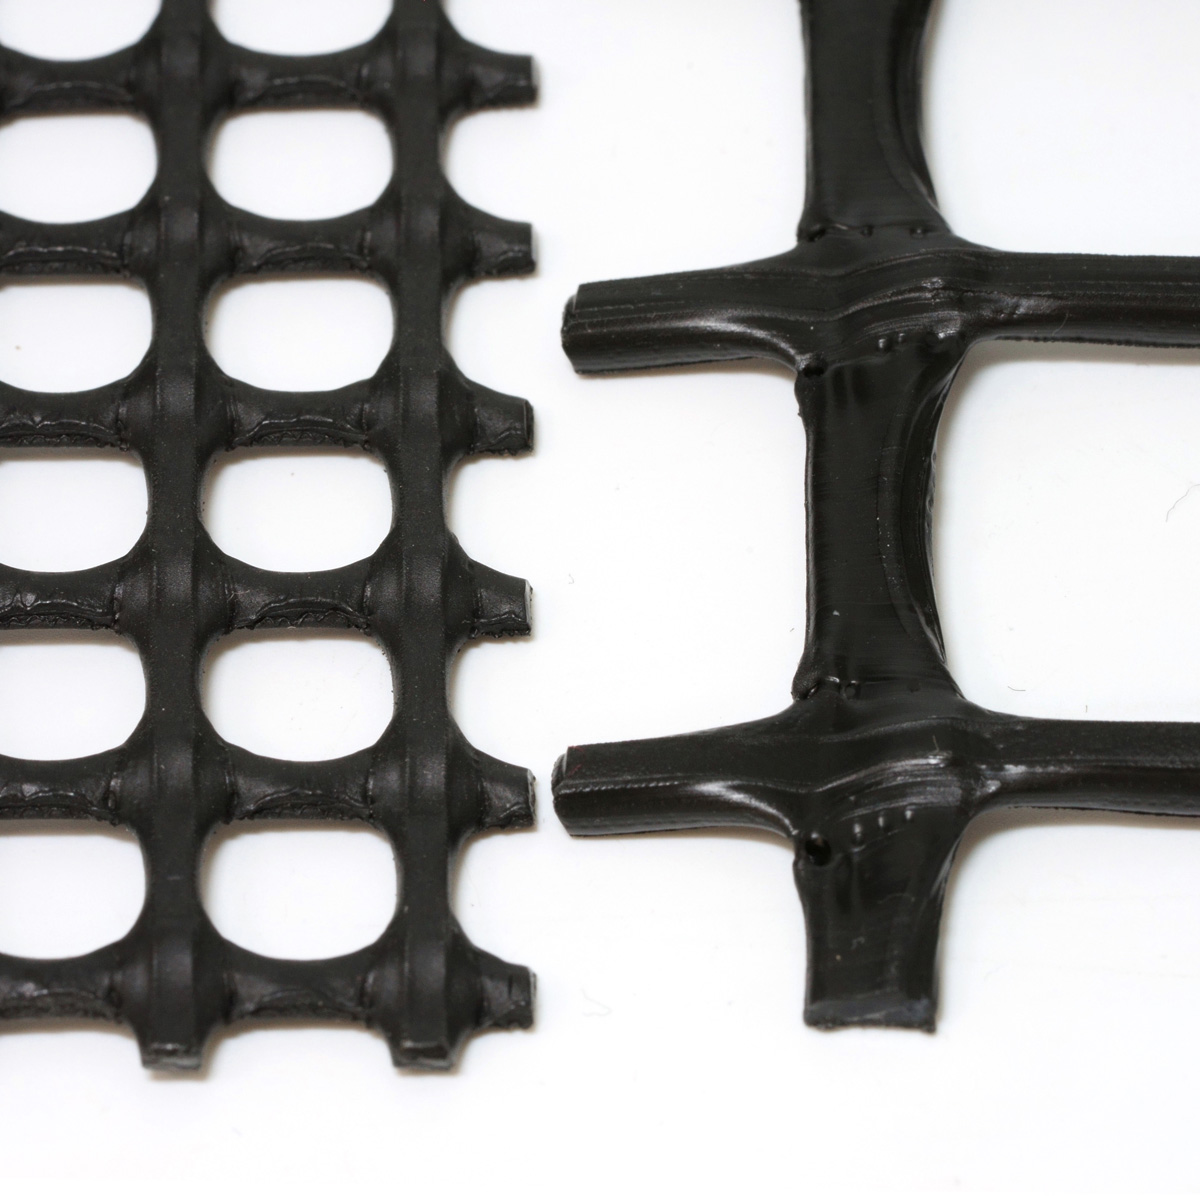 左:〈硬樹脂ネット10〉右:〈硬樹脂ネット25〉の比較